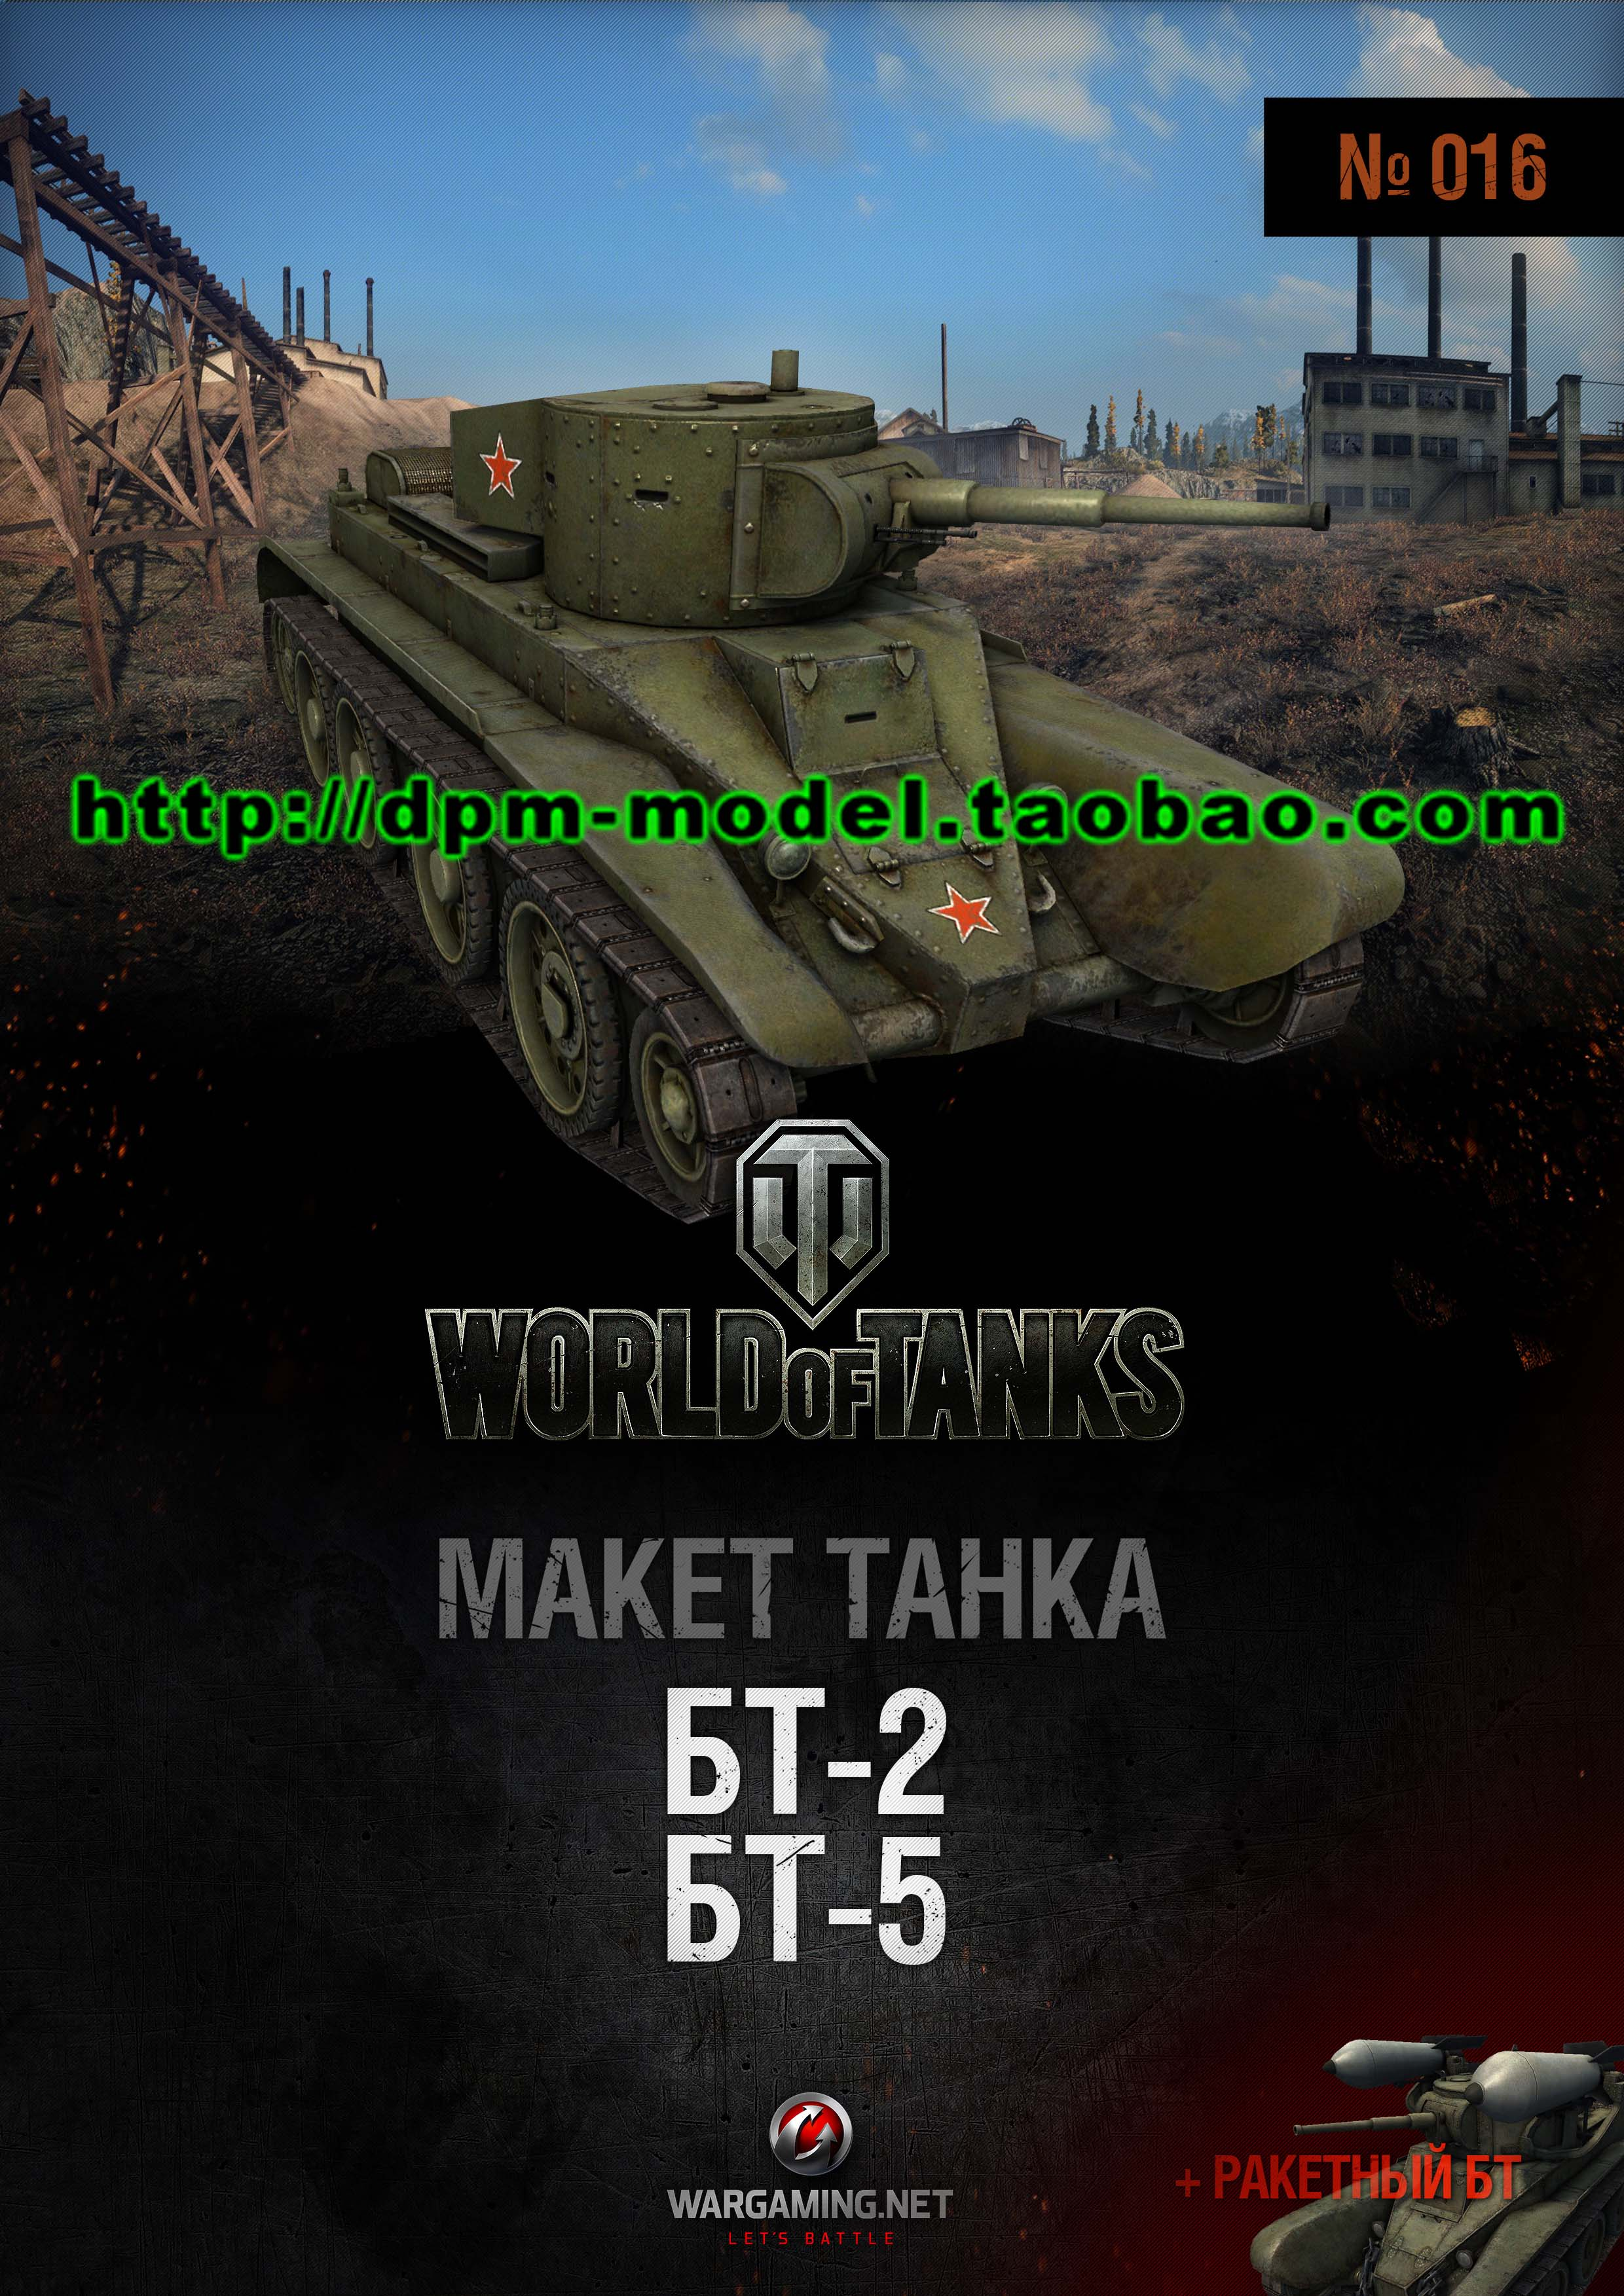 坦克世界 BT-2 BT-5(两台) 1:72 1:35印刷版DPM纸模型